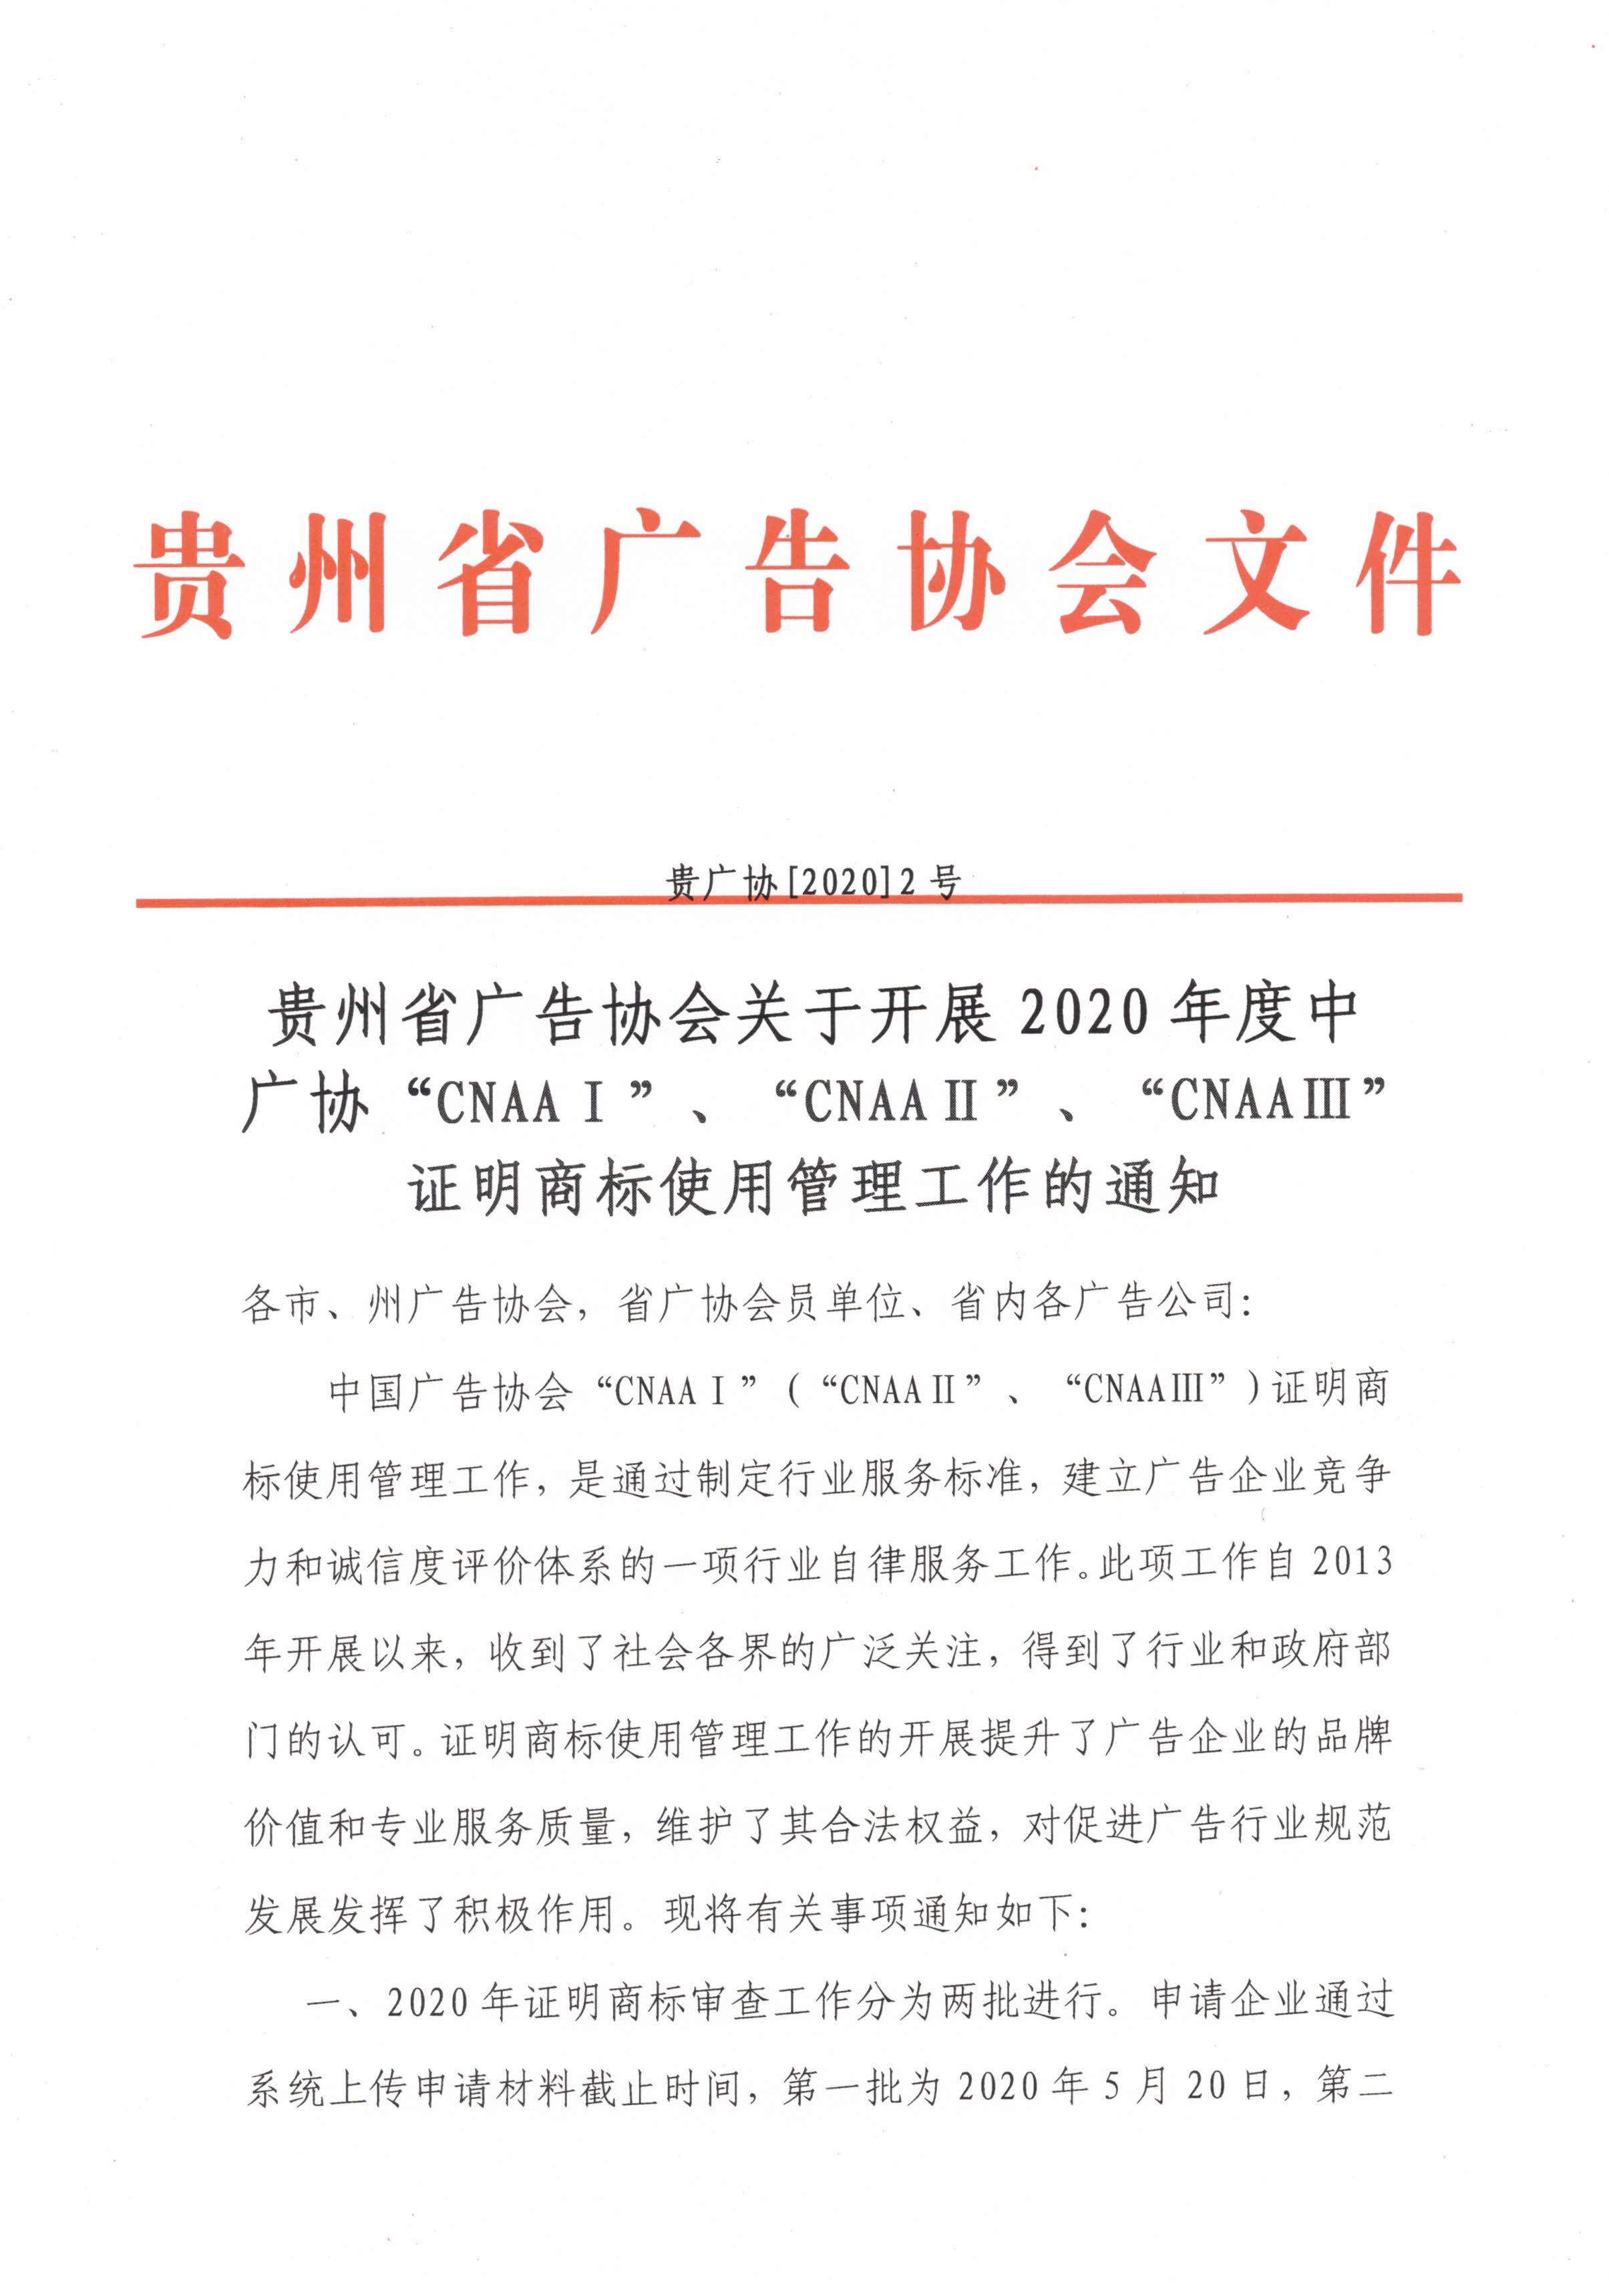 """贵州省万博maxbet官网下载协会关于开展2020年度中广协""""CNAAⅠ""""、""""CNAAⅡ""""、""""CNAAⅢ"""" 证明商标使用管理工作的通知_000042.jpg"""